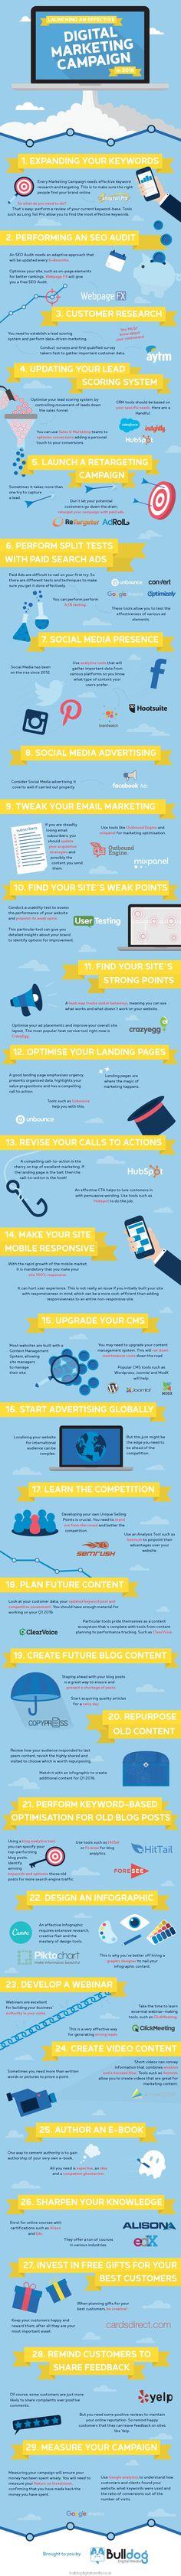 Infografía que nos presenta una treintena de buenas Herramientas para Marketing Digital que al menos debes conocer para sopesar su uso en tus estrategias y campañas.